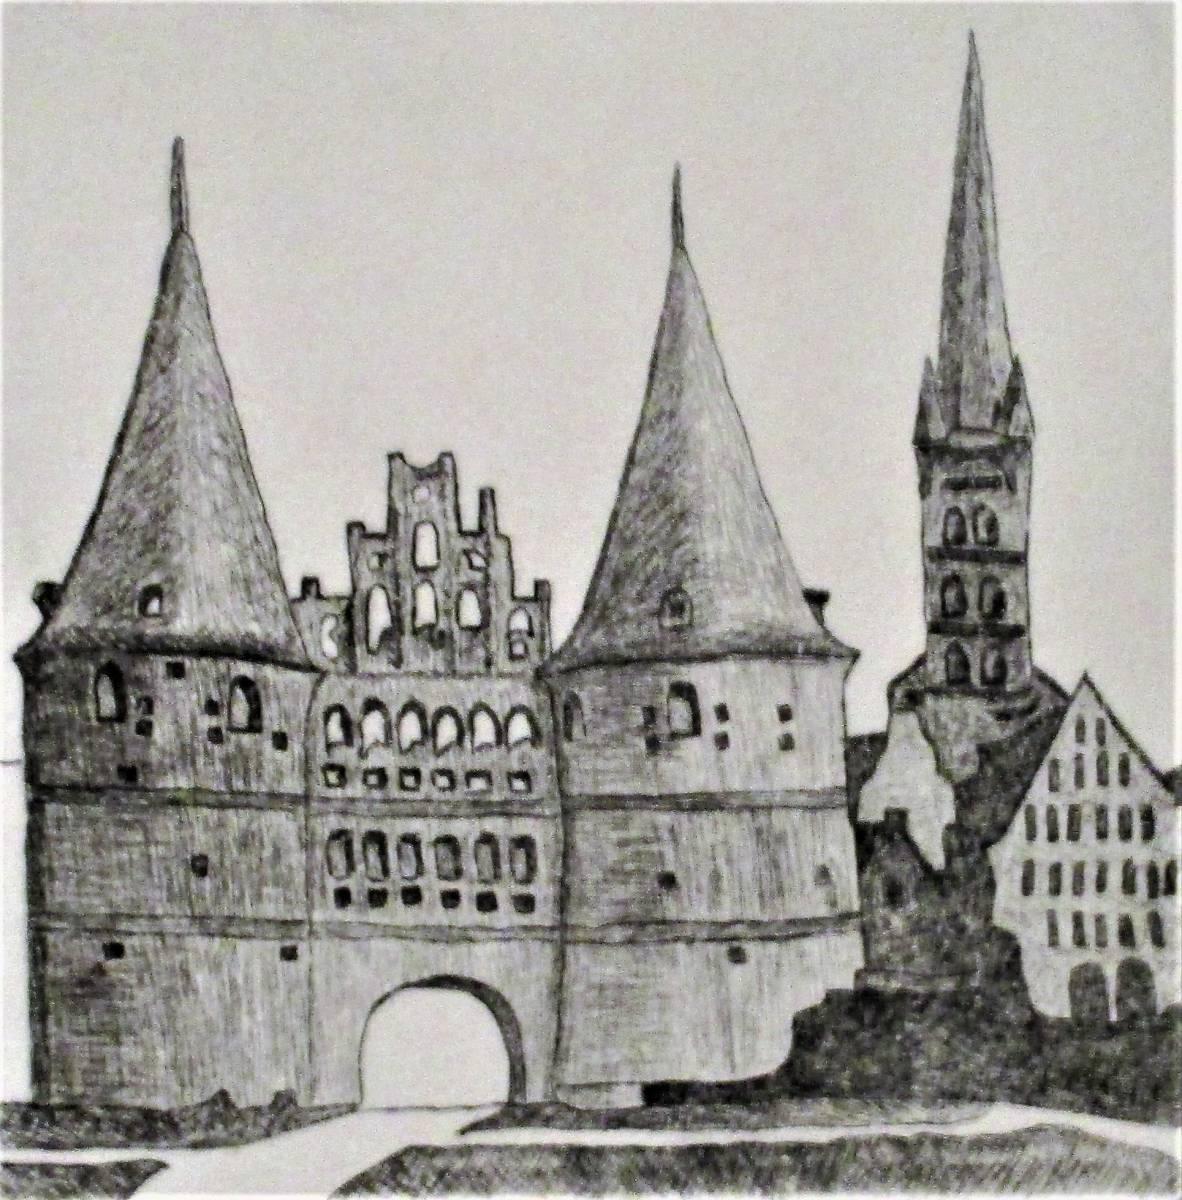 Holstentor